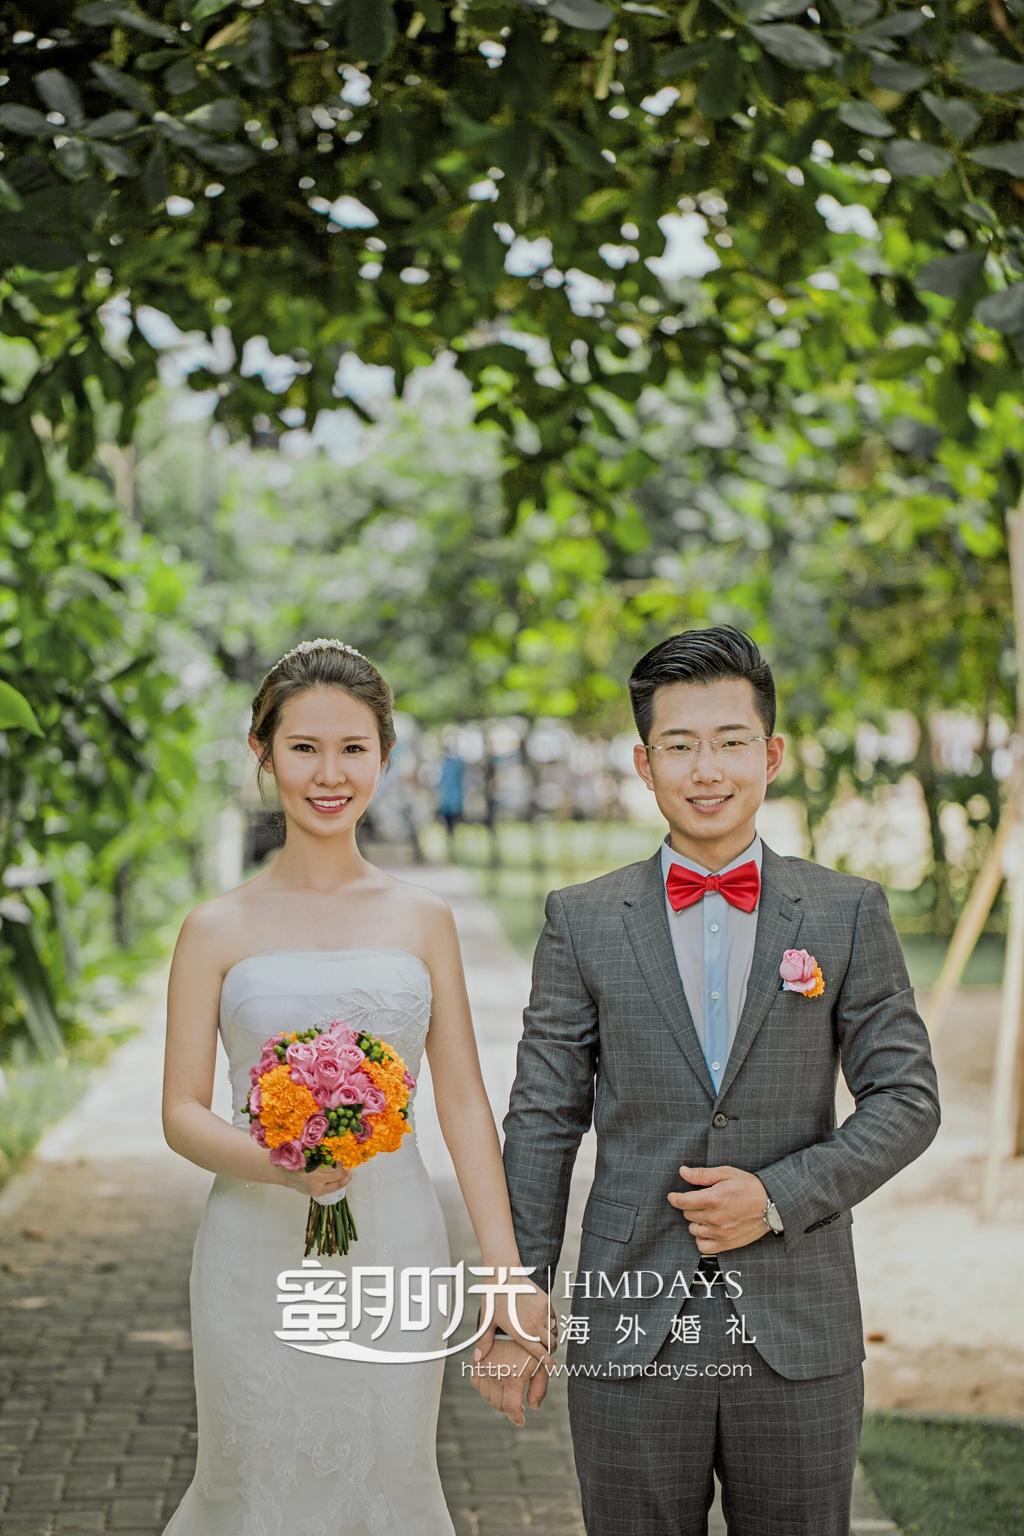 巴厘岛肉桂沙滩婚礼|海外婚礼|海外婚纱摄影|照片